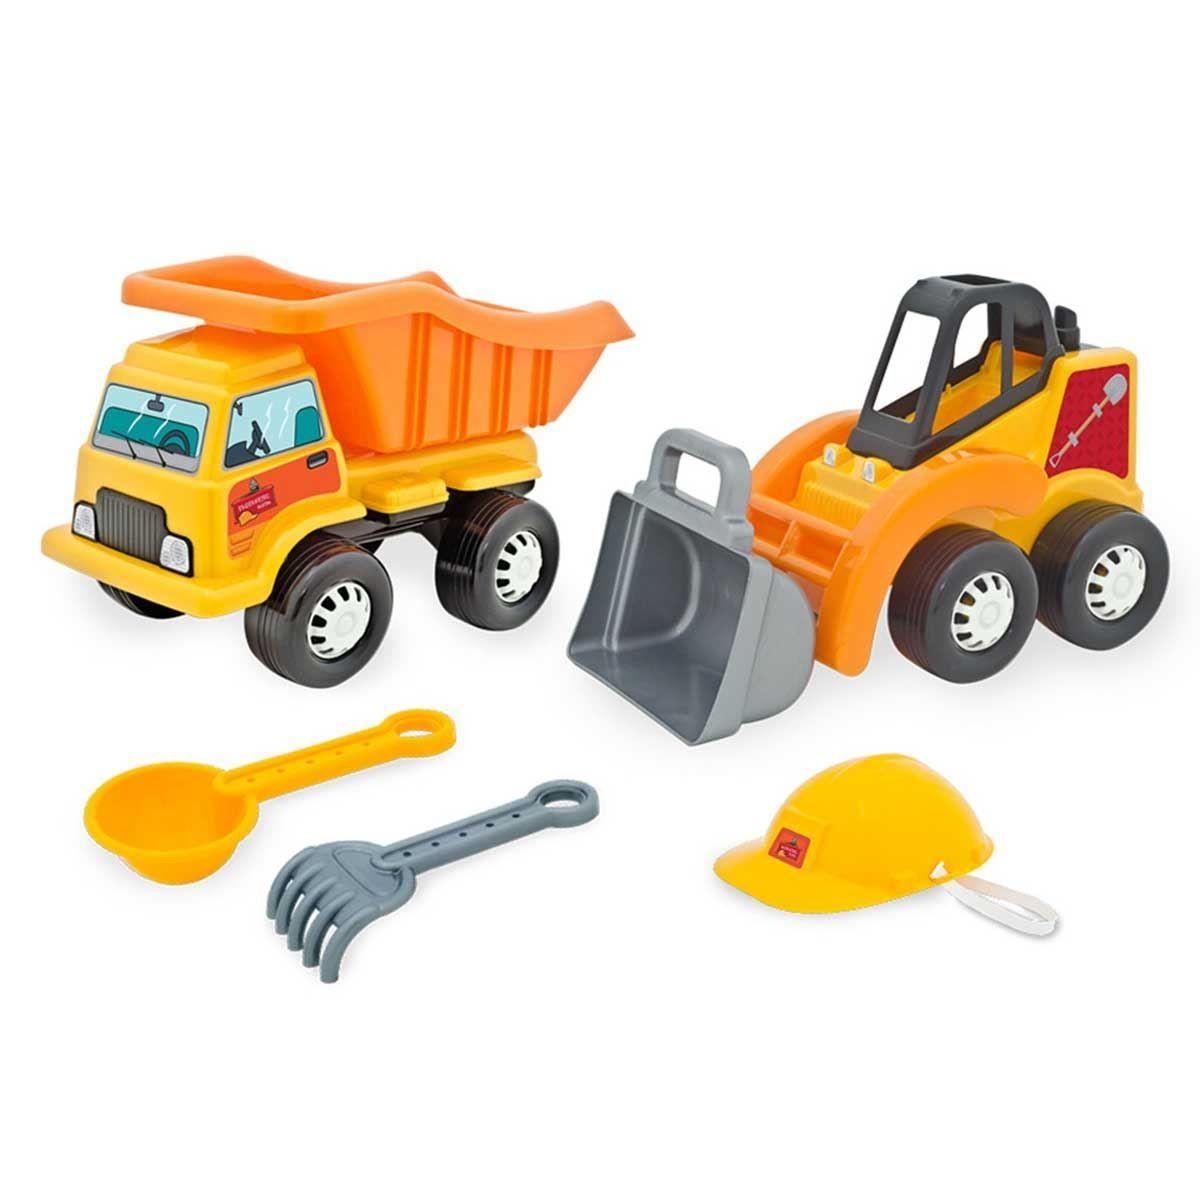 Caminhão e Trator Engenheiro Mirim Coleção Mirim - Tilin Brinquedos